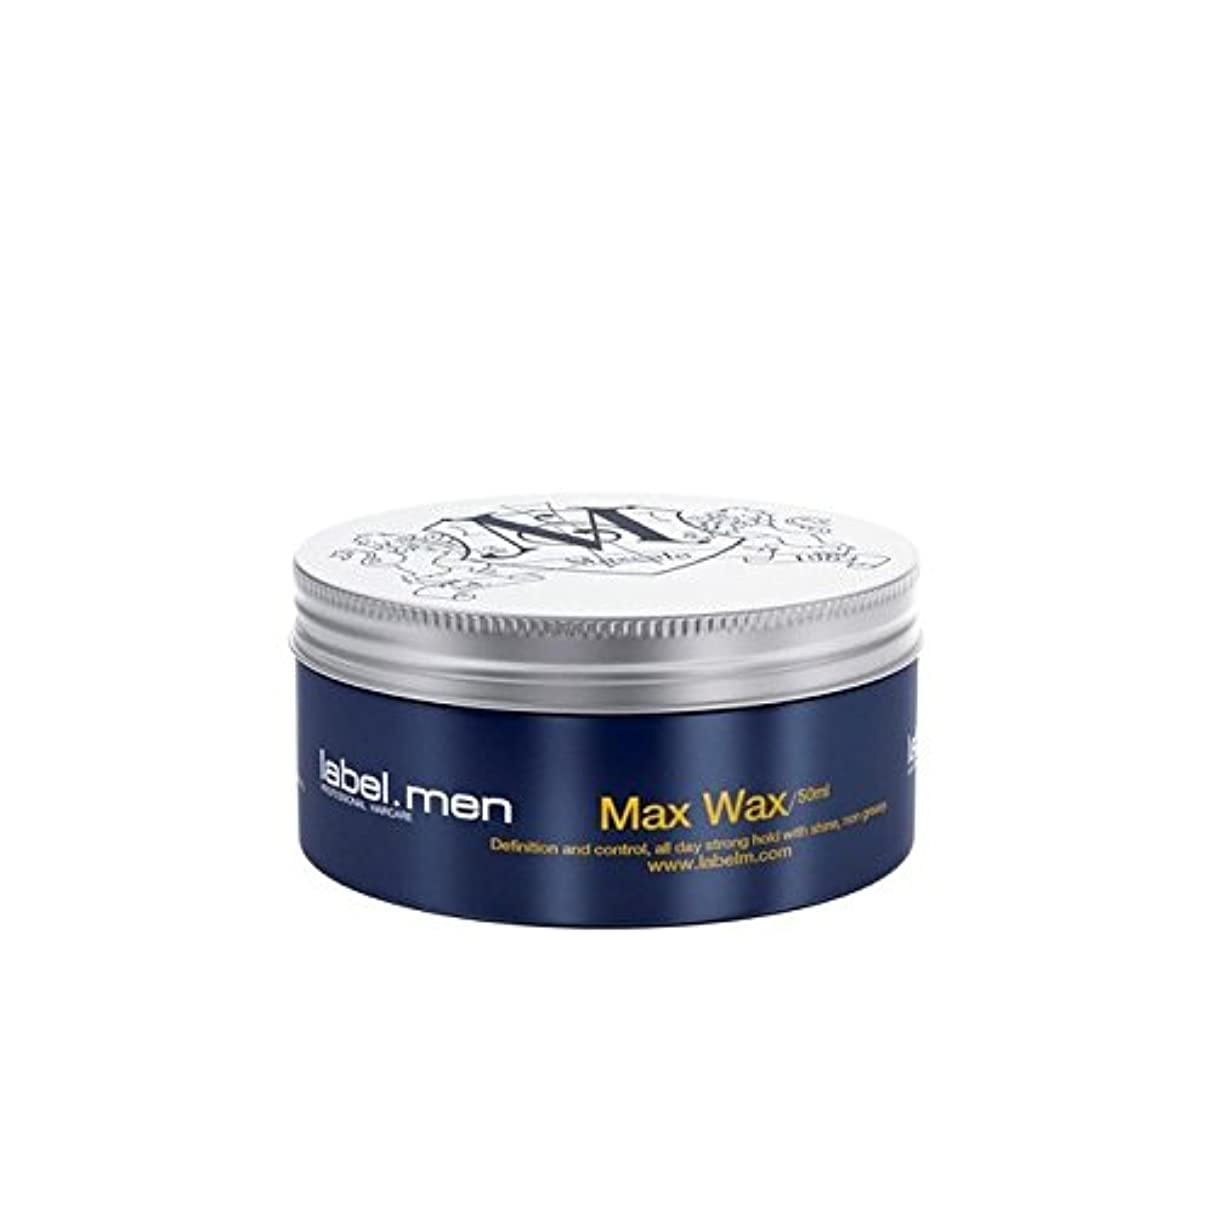 麻痺オッズ意気揚々Label.Men Max Wax (50ml) - .マックスワックス(50ミリリットル) [並行輸入品]